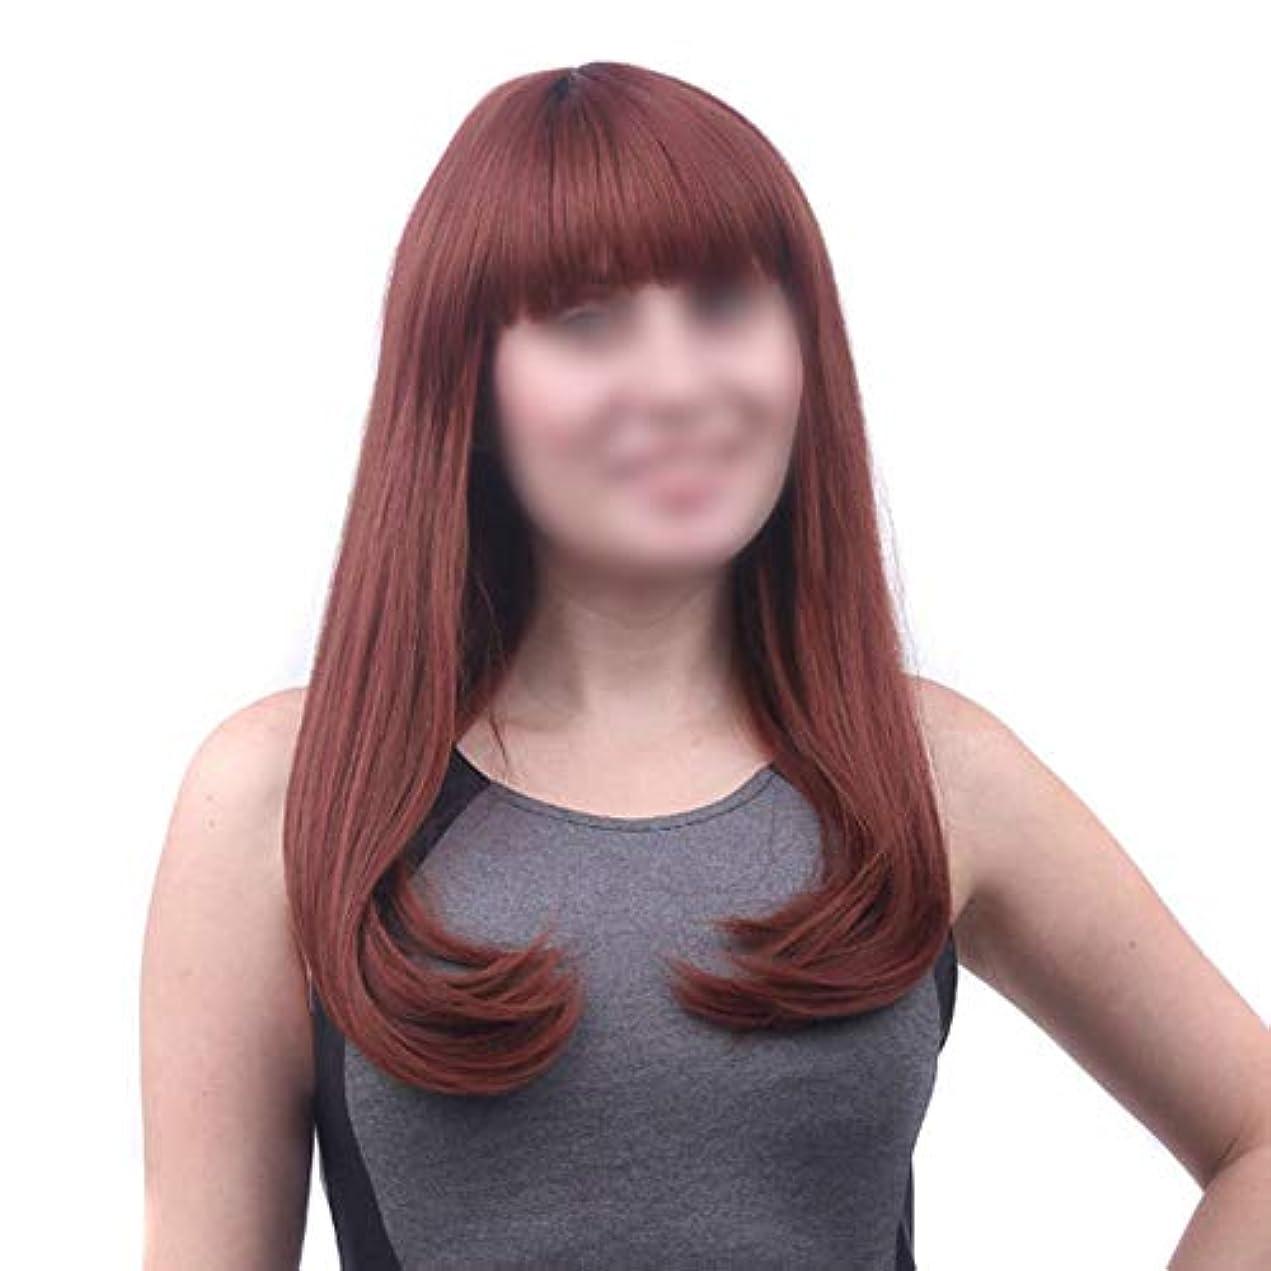 謝罪する元の学部WASAIO 髪型付き合成かつらロングシルキーストレートナチュラルルックアクセサリースタイル交換用ウィッグ女性用、コスプレ衣装 (色 : ブラウン, サイズ : 55cm)